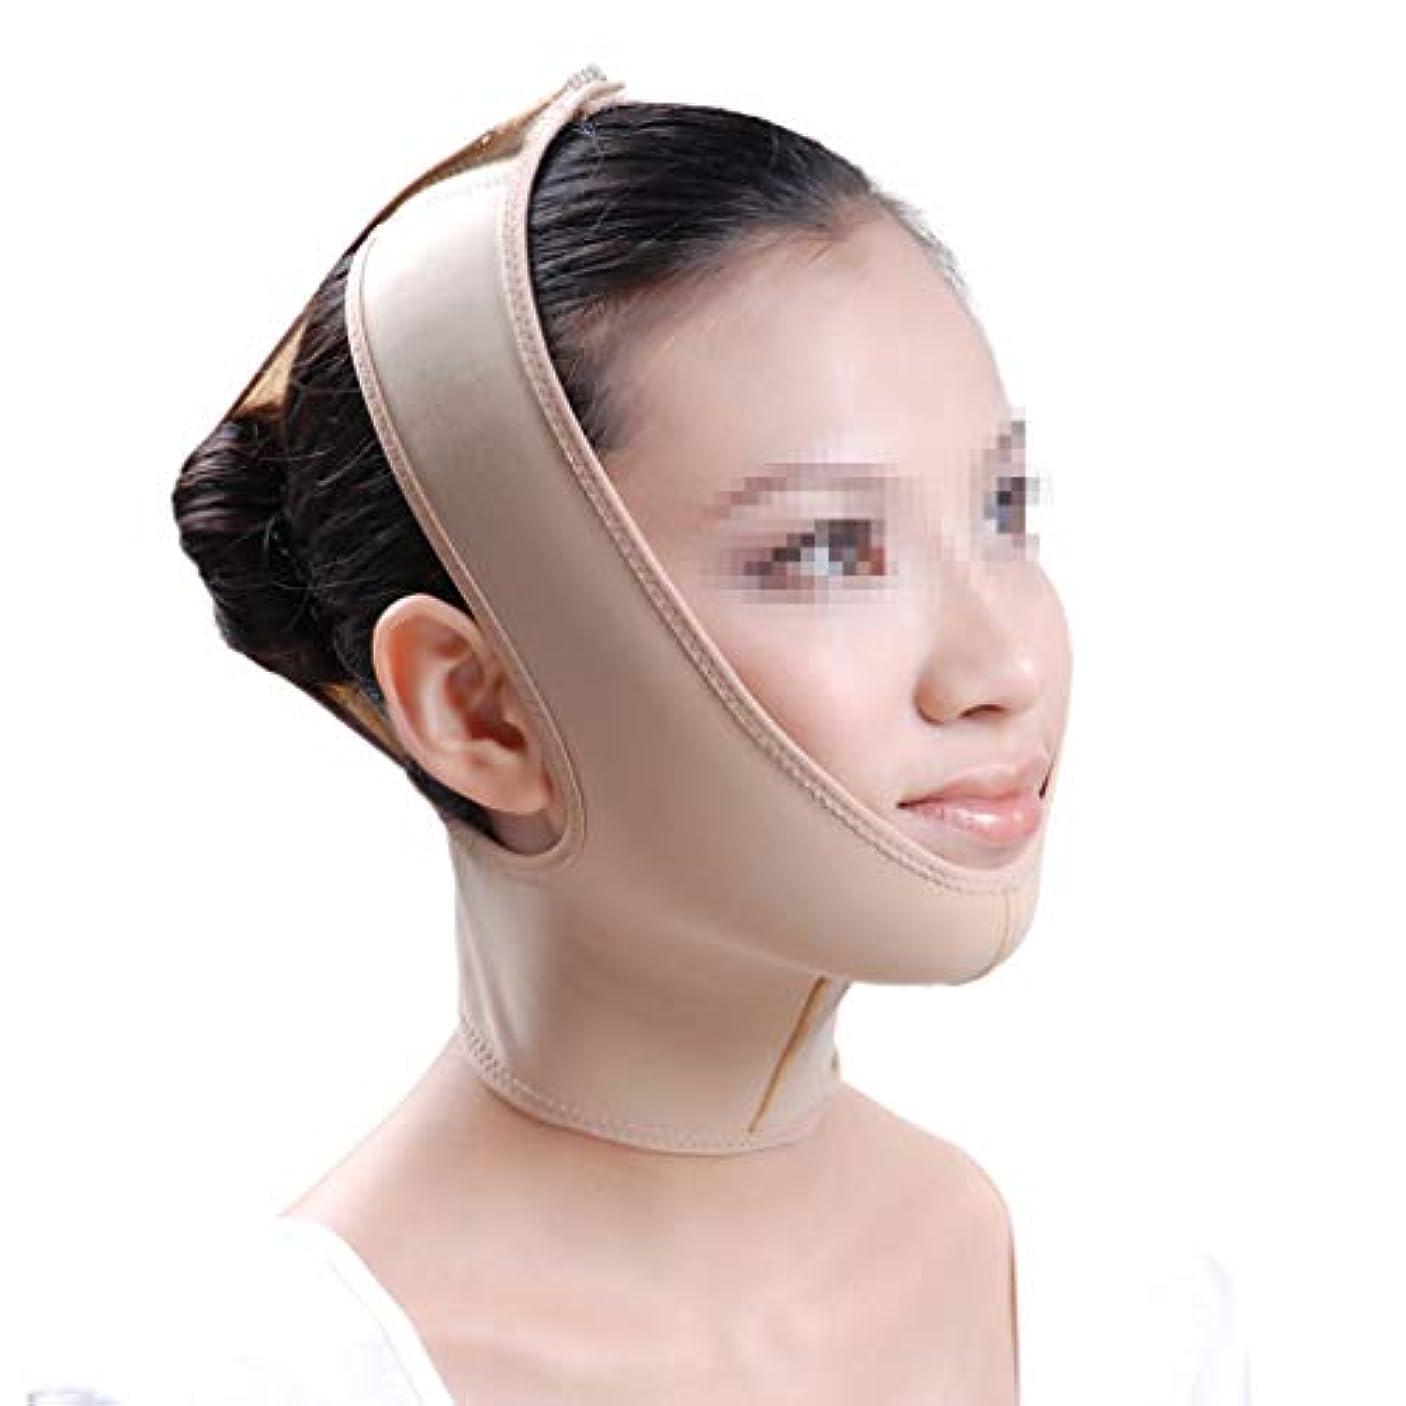 教育する個人的にテンションフェイスリフトマスク、ジョーネックスリーブネックダブルチンフェイス医療脂肪吸引術創傷フェイスマスクヘッド弾性スリーブ (Size : S)